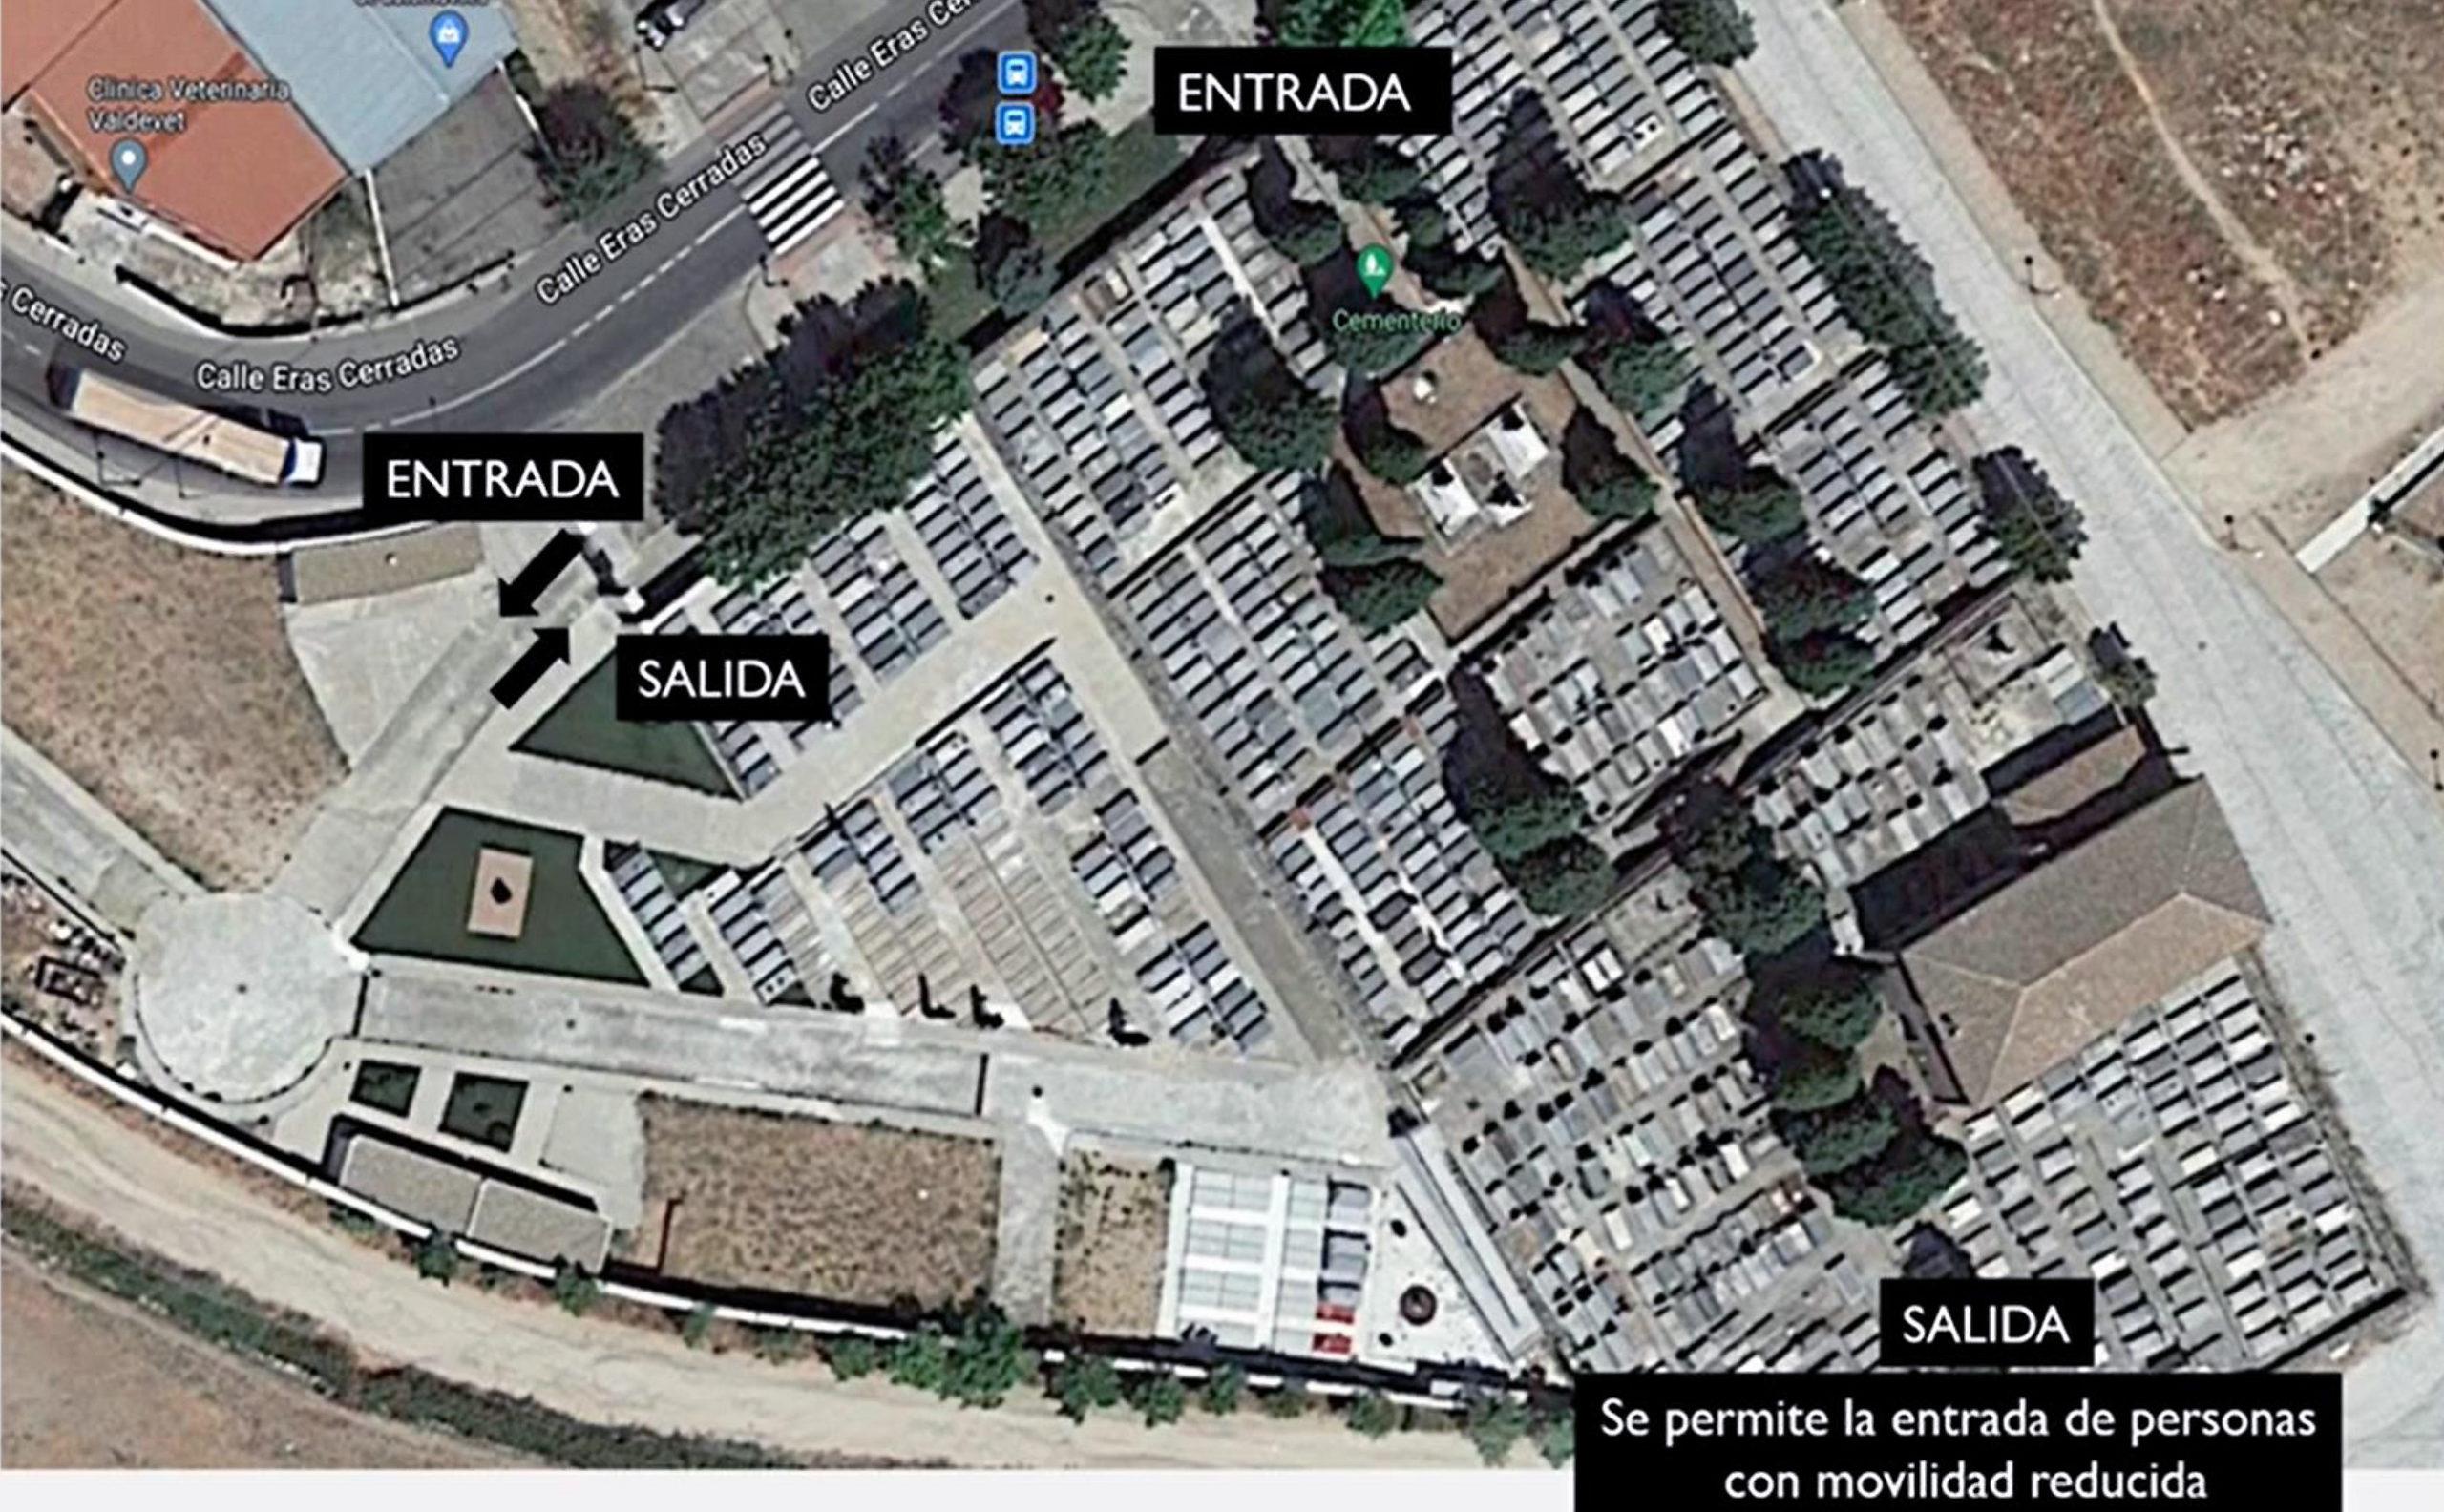 Amplio dispositivo de seguridad en Valdemorillo para garantizar la máxima protección de los vecinos en sus visitas al cementerio con motivo de la festividad de Todos los Santos